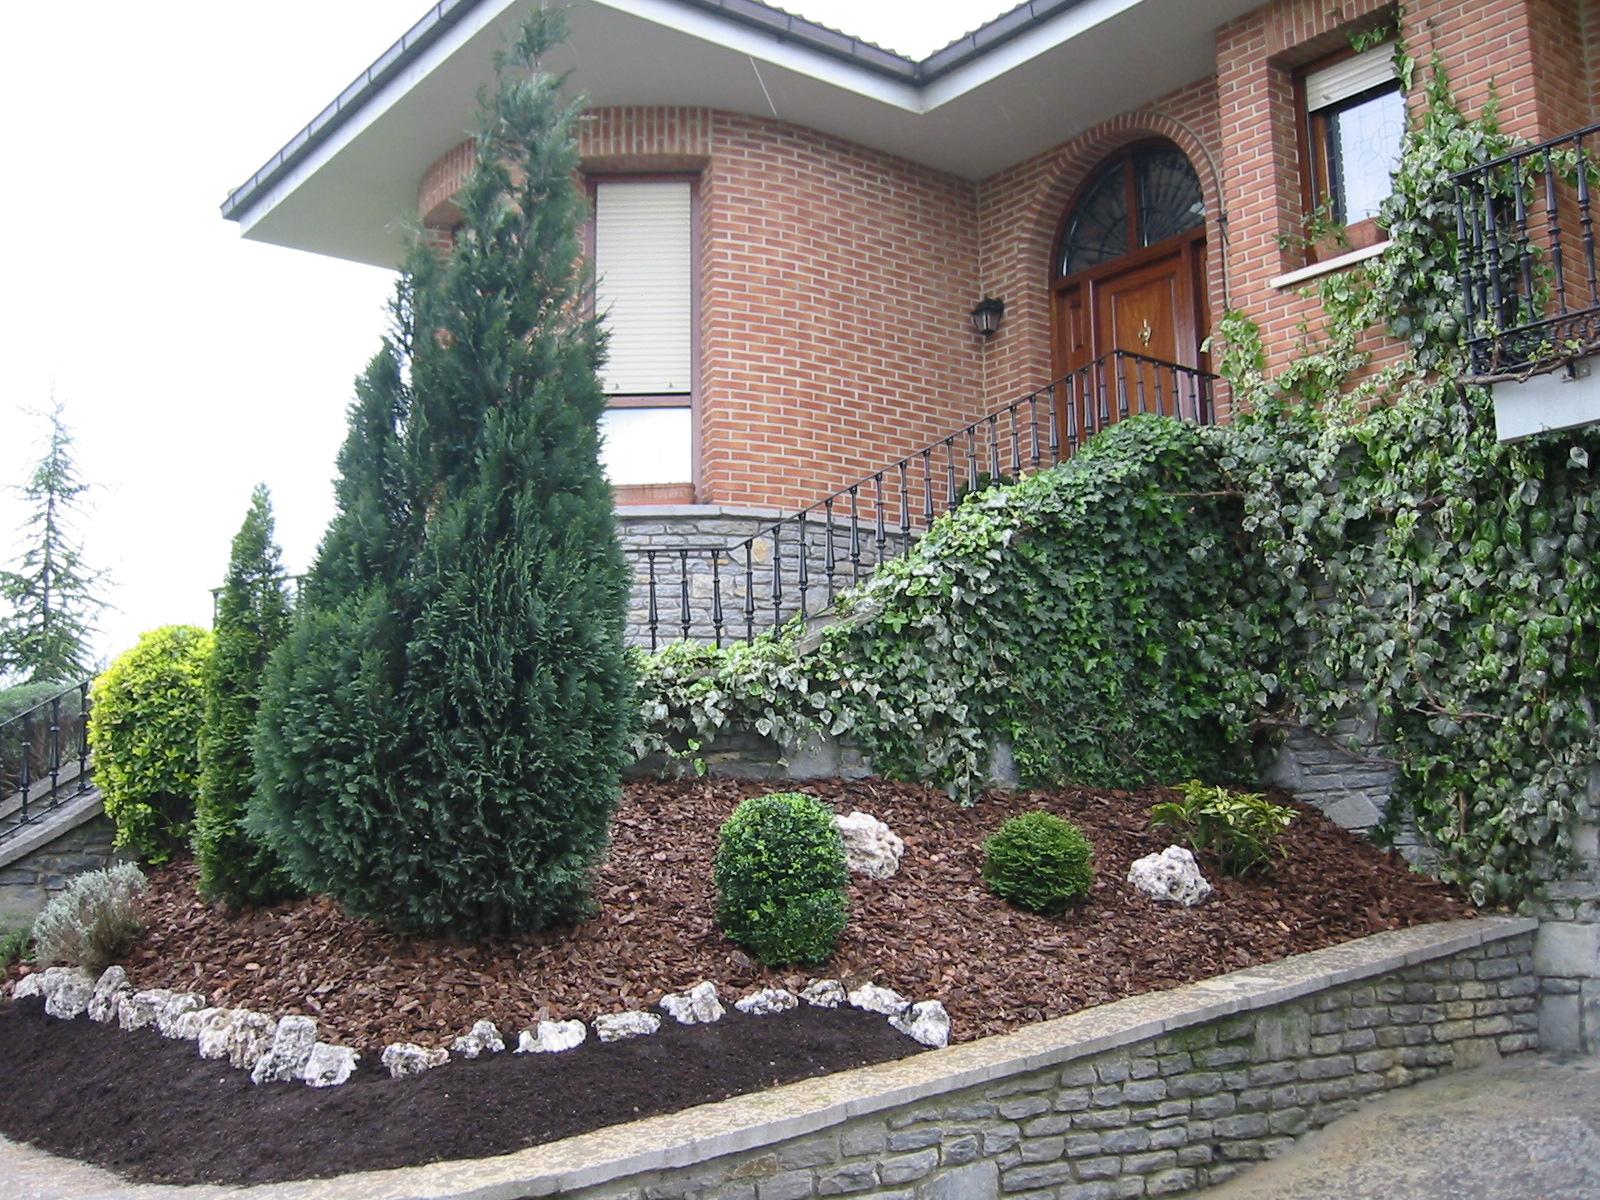 Galer a de fotos dise o de jardines instalaciones - Jardines con poco mantenimiento ...